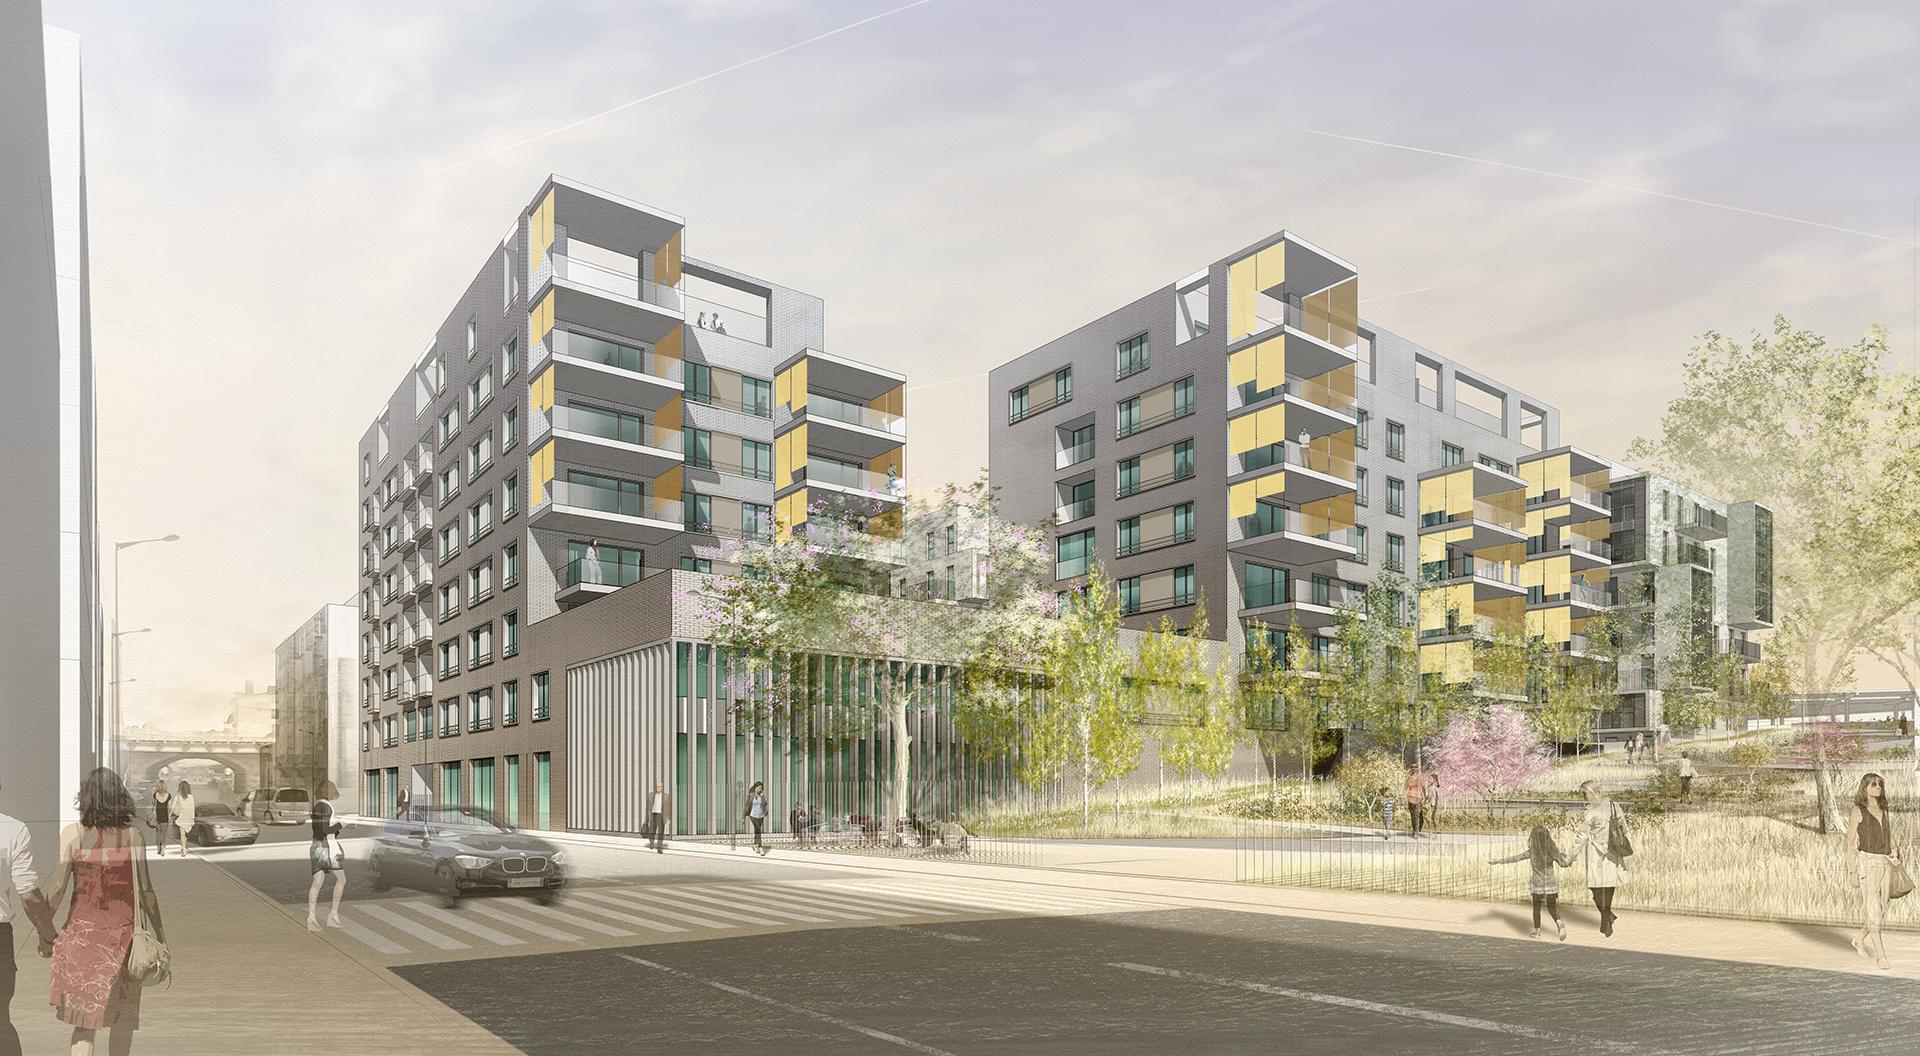 Ilot Dugas-Montbel (Atelier Régis Gachon Architecte)